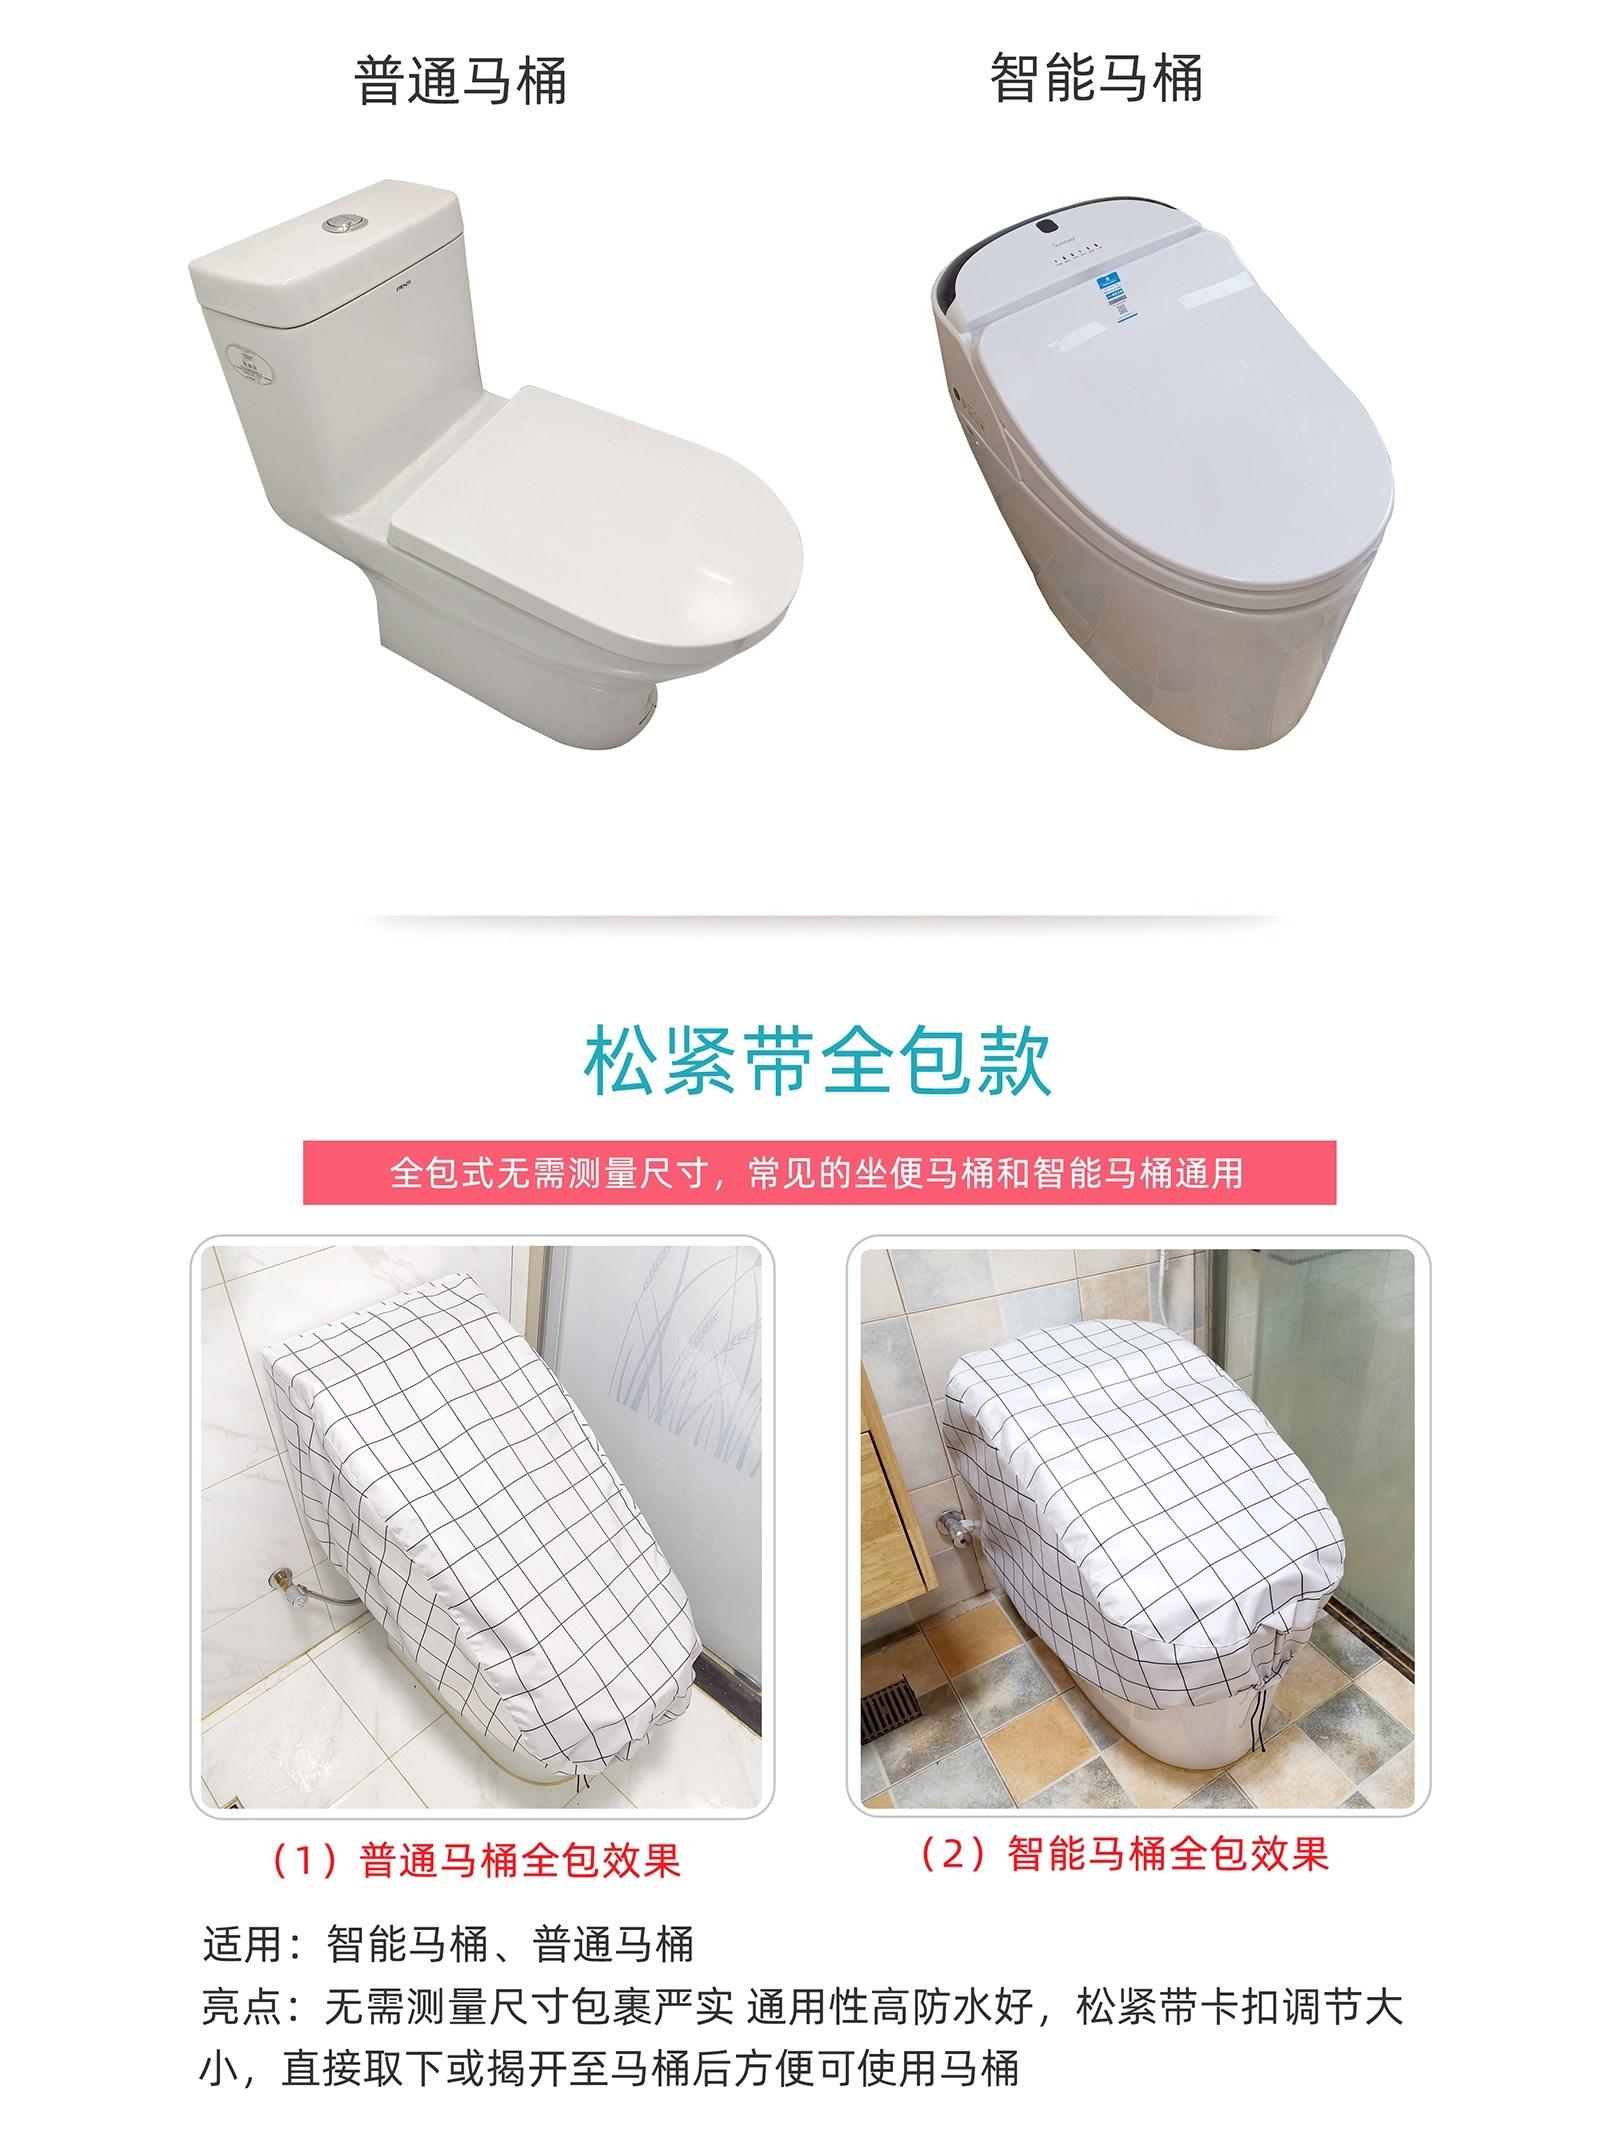 智能防水马桶马桶盖罩防水坐便器厕所防尘沐浴全包伸缩套子套套淋